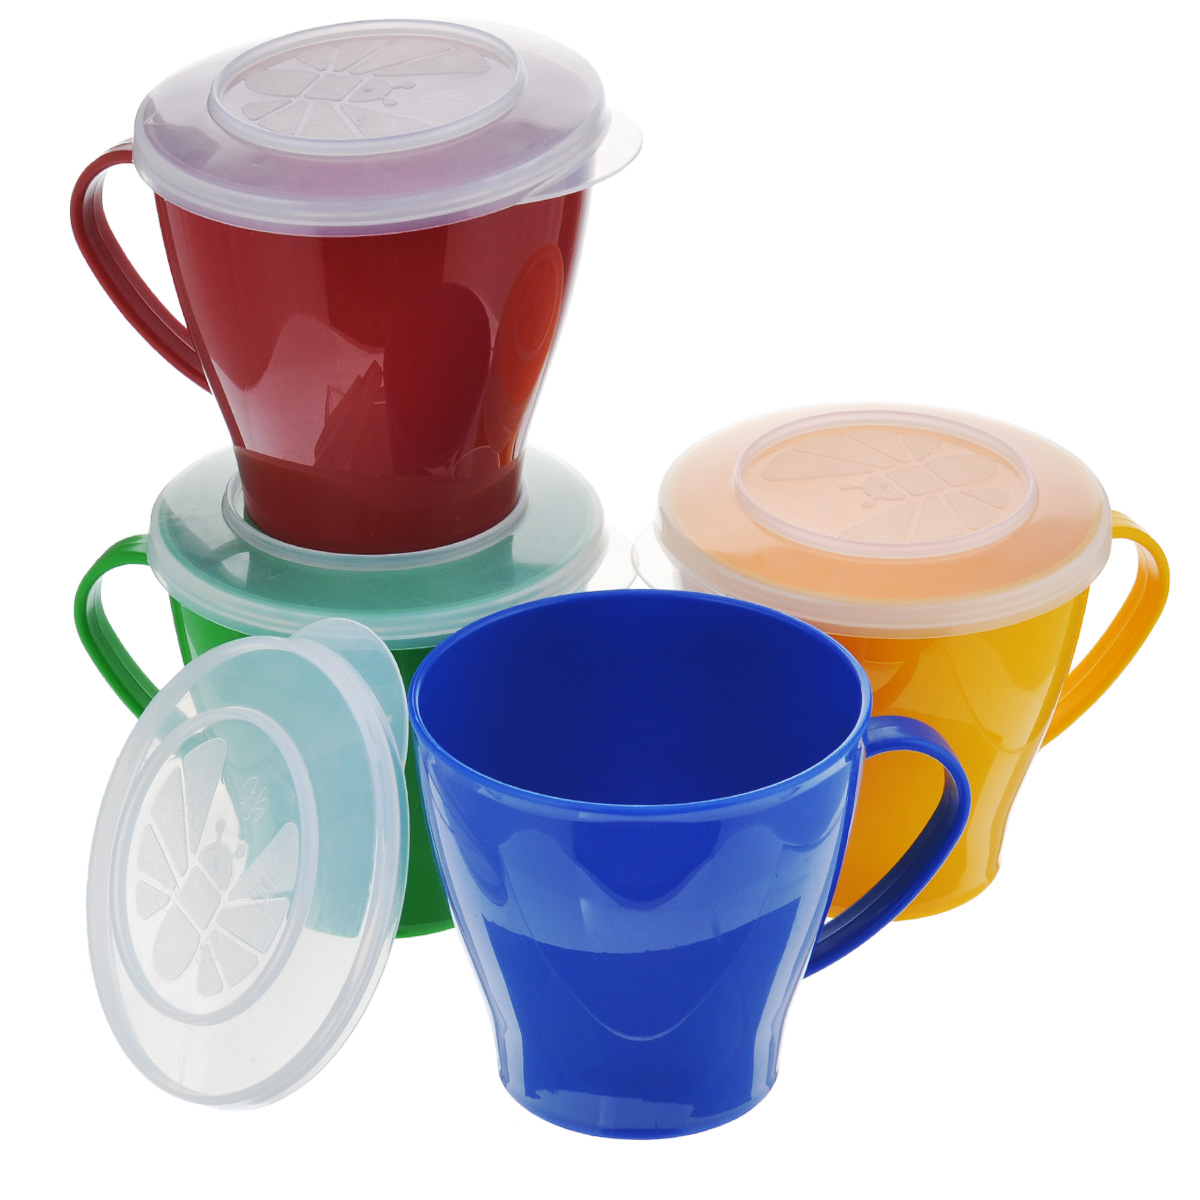 Набор чашек Solaris, 0,36 л, 4 шт набор пищевых контейнеров solaris цвет синий 3 шт